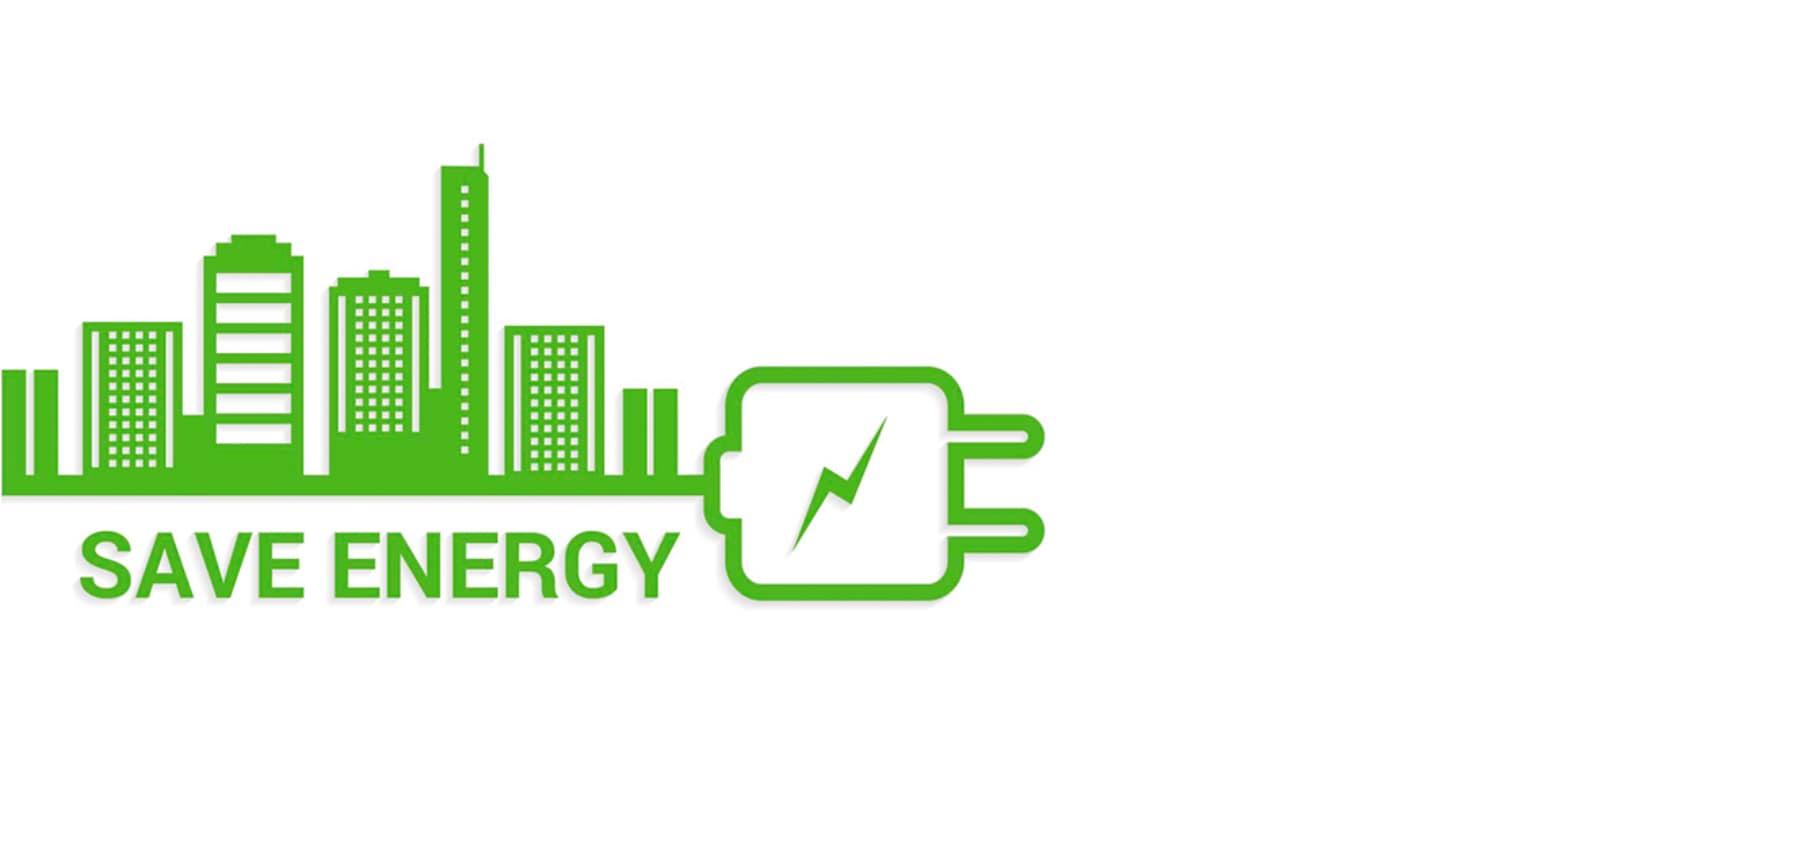 بهره وری انرژی در راهنمای خرید یخچال